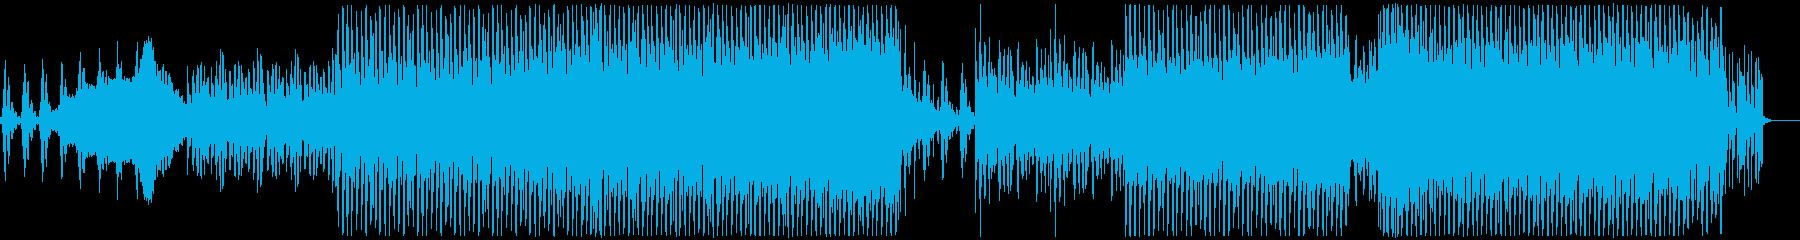 シブい系のシンセ音、幻想的なEDMの再生済みの波形